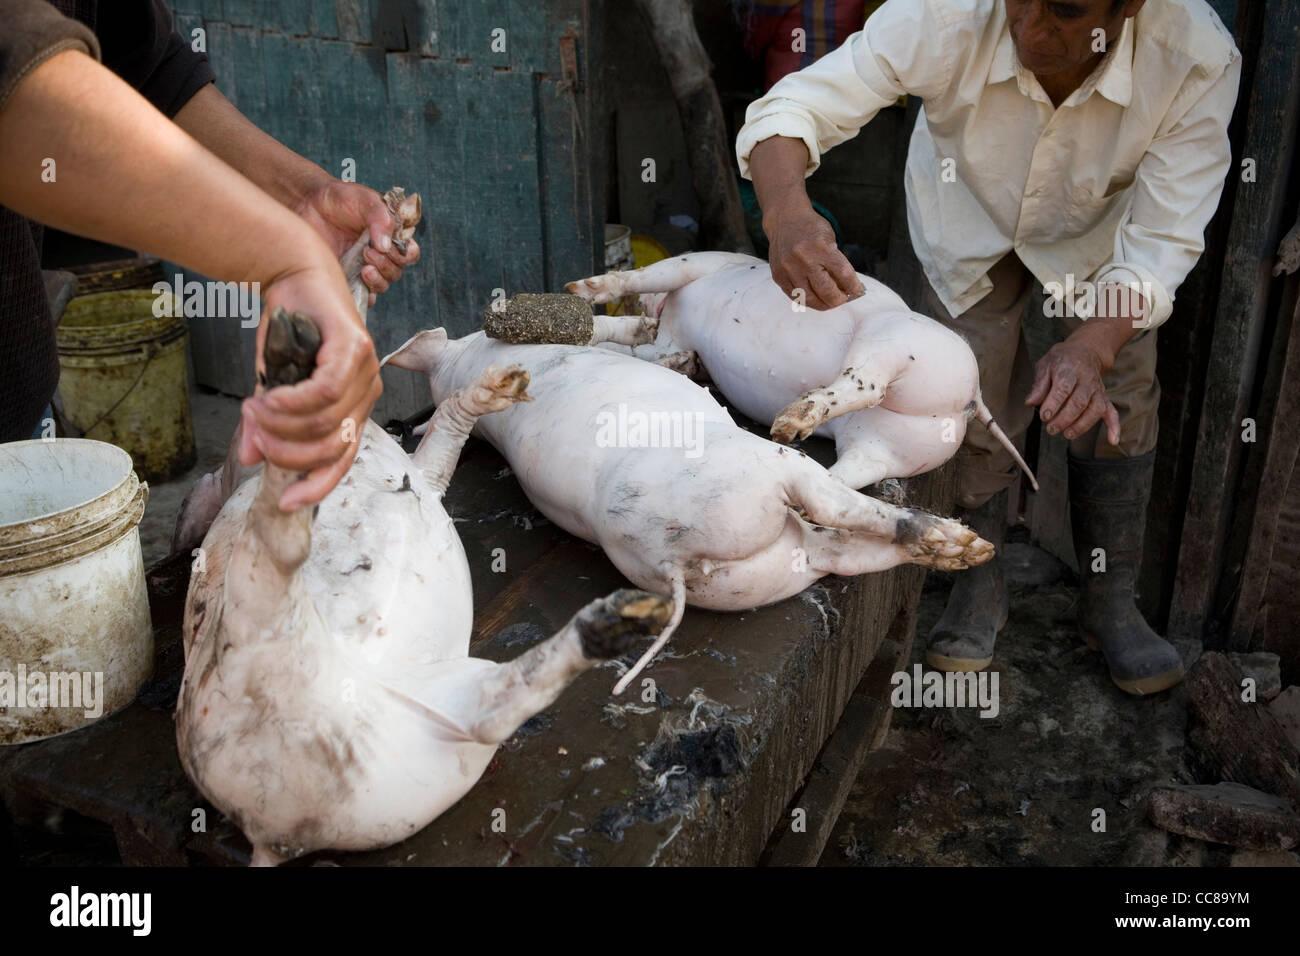 Arbeiter reinigen Schweine, die in einem Schlachthof in Lima, Peru, Südamerika. Stockbild